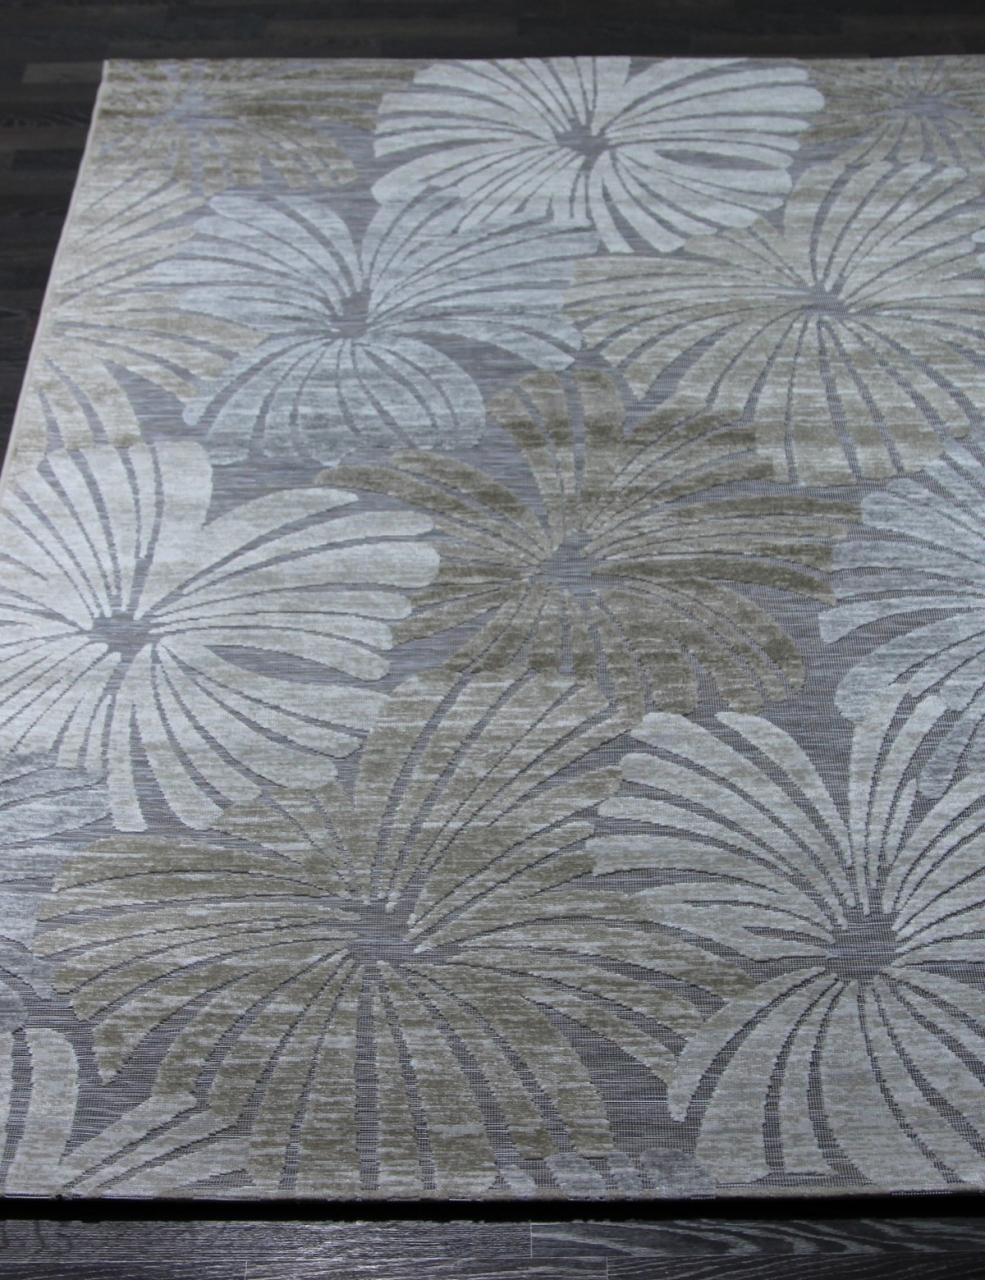 Ковер 16272 - 070 - Прямоугольник - коллекция SIGMA - фото 5